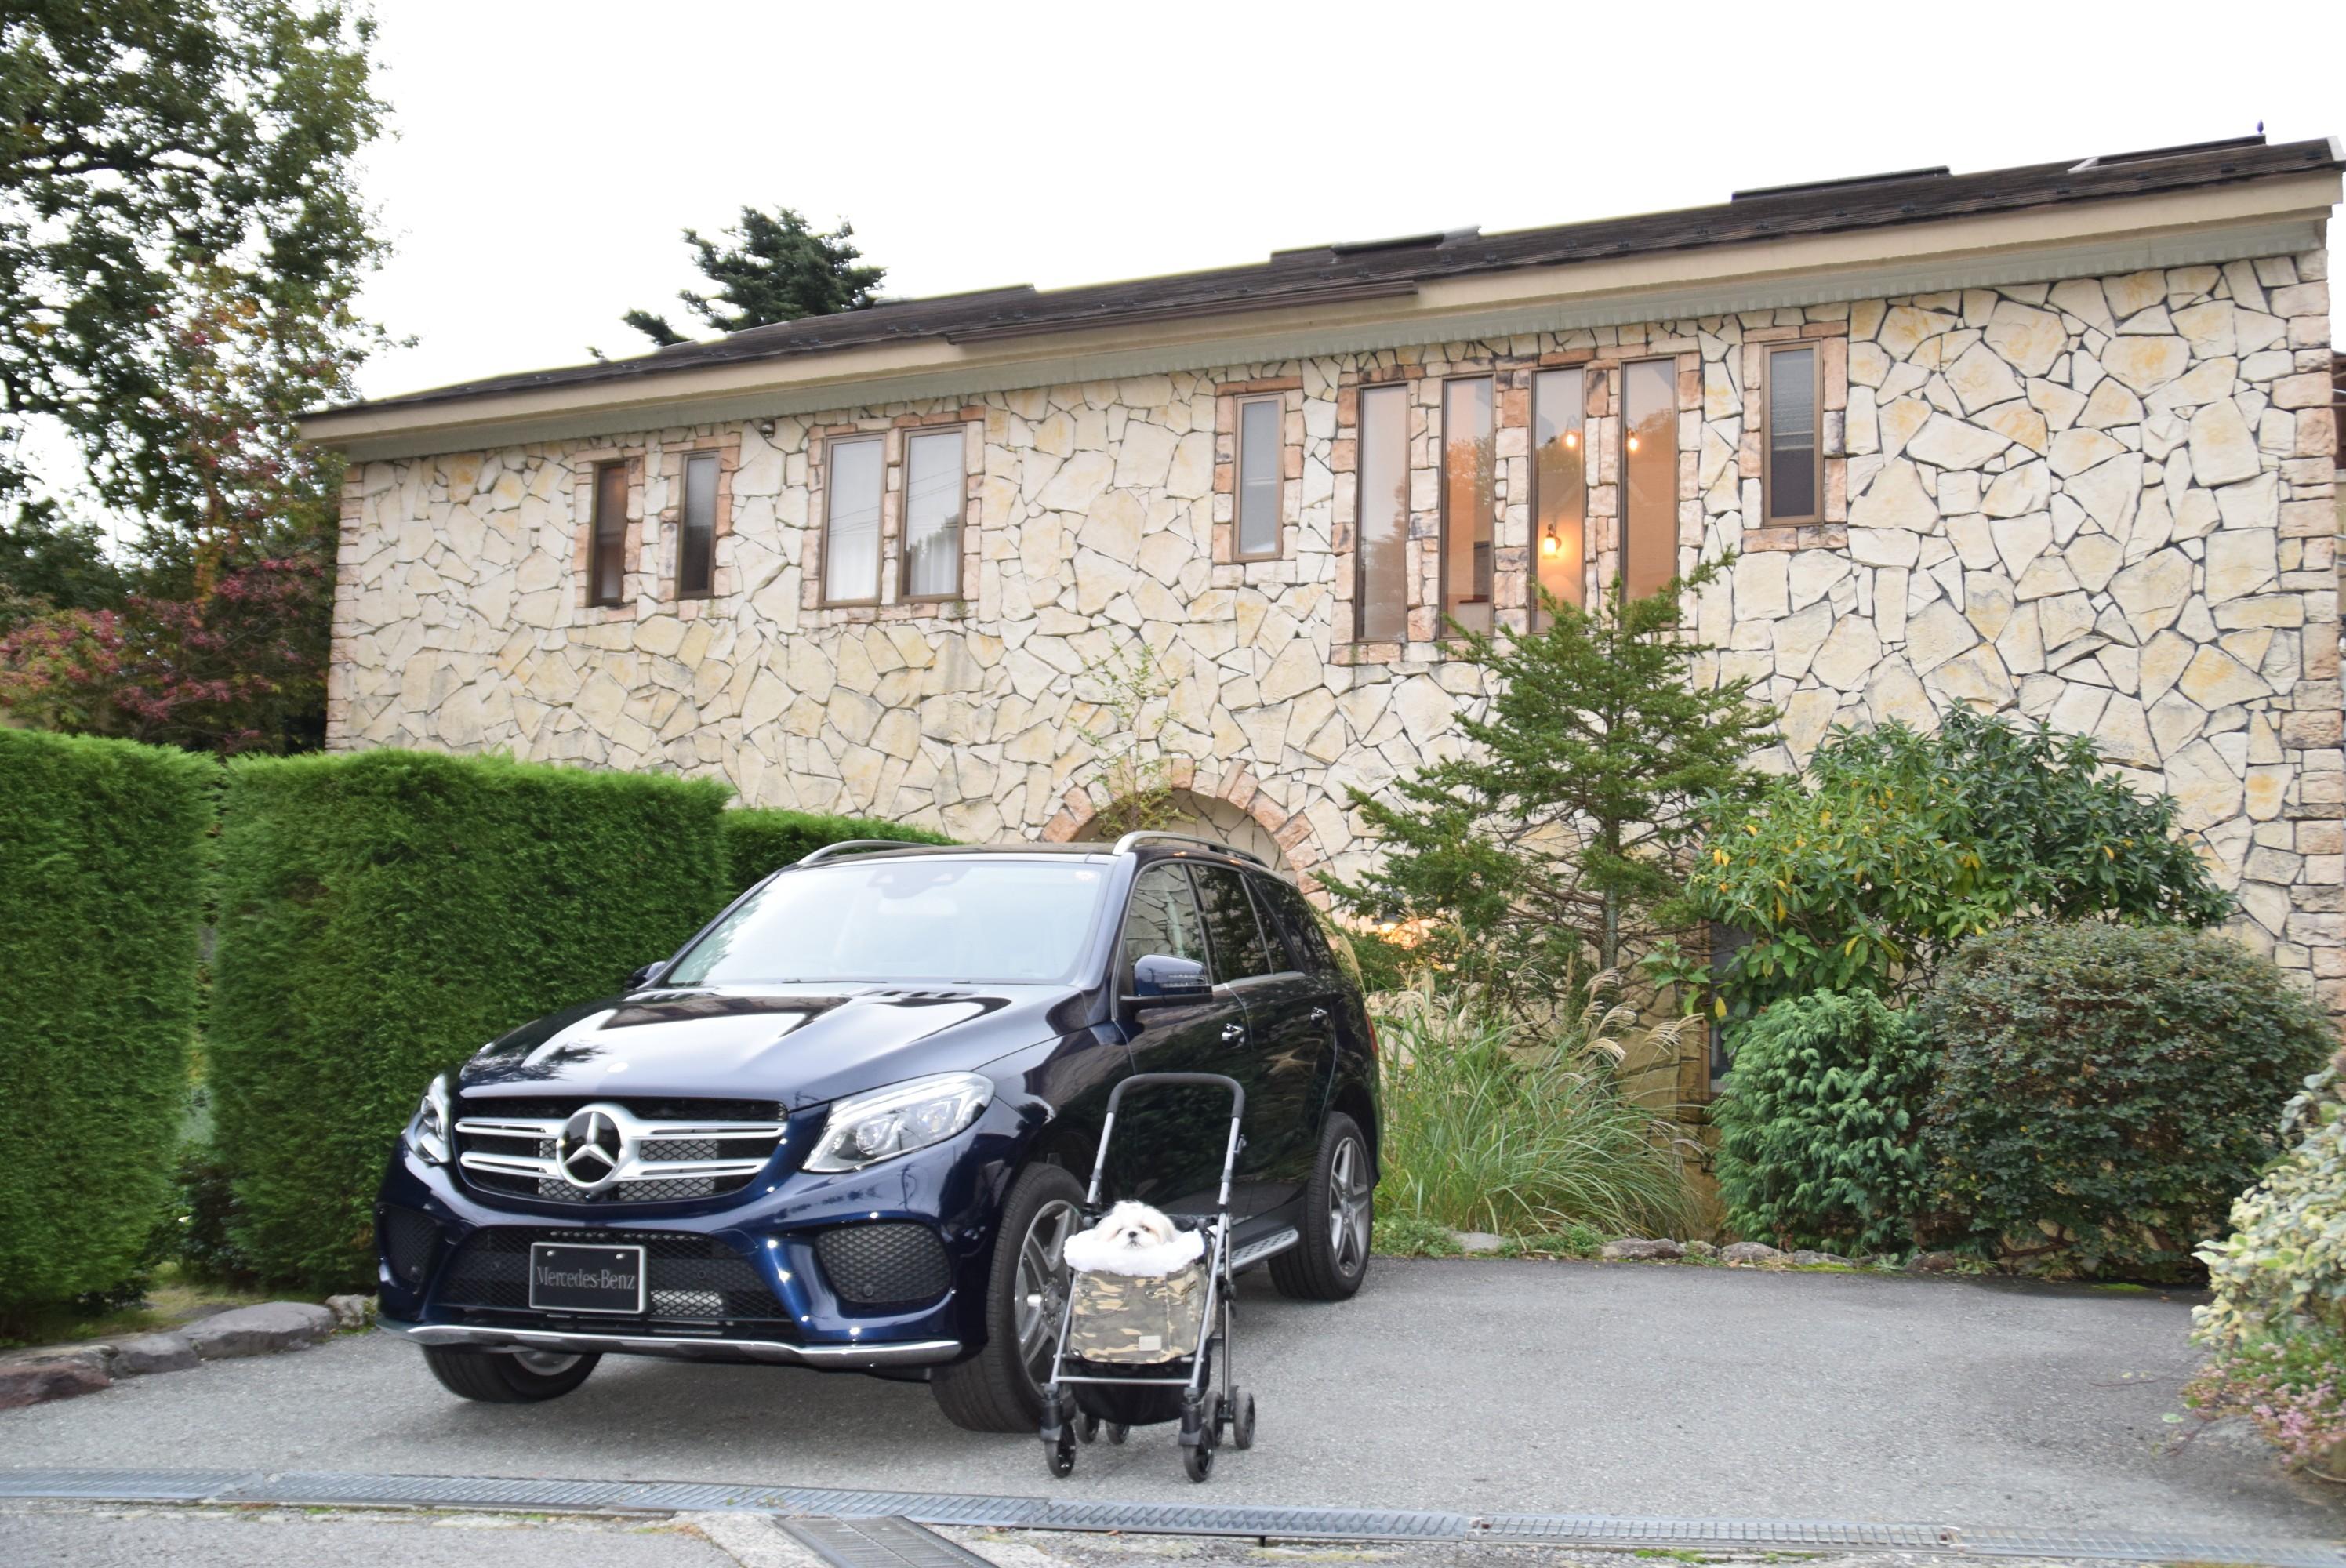 伊豆高原にあるペットと一緒に泊まれる高評価の旅館【別邸石の家】